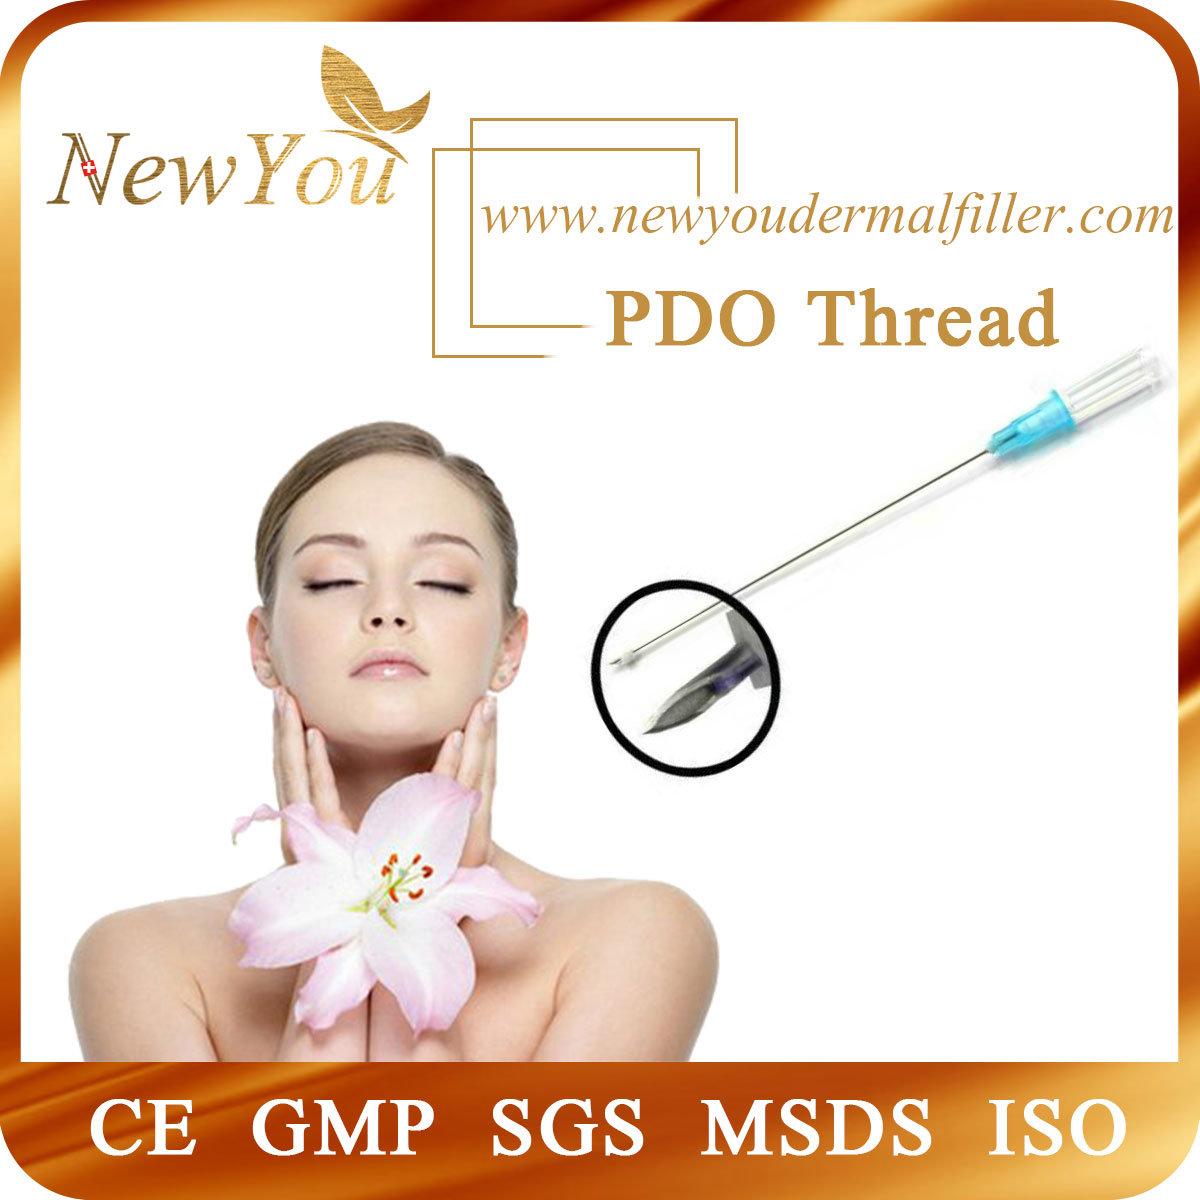 Best Eye Thread Absorbable Pdo Thread Lift